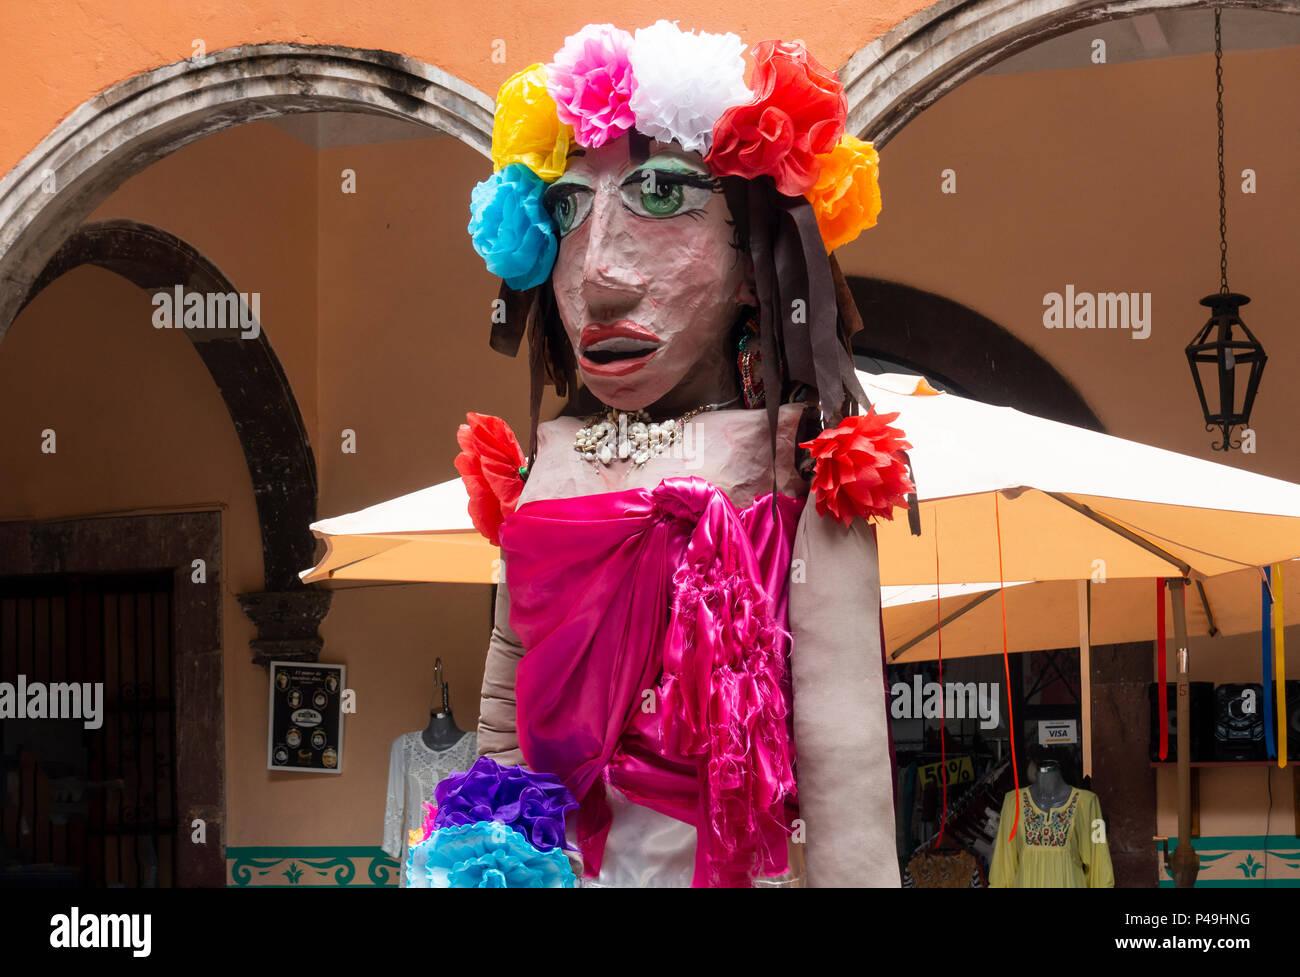 Mojigangas, a giant paper mâché puppet in San Miguel de Allende - Stock Image